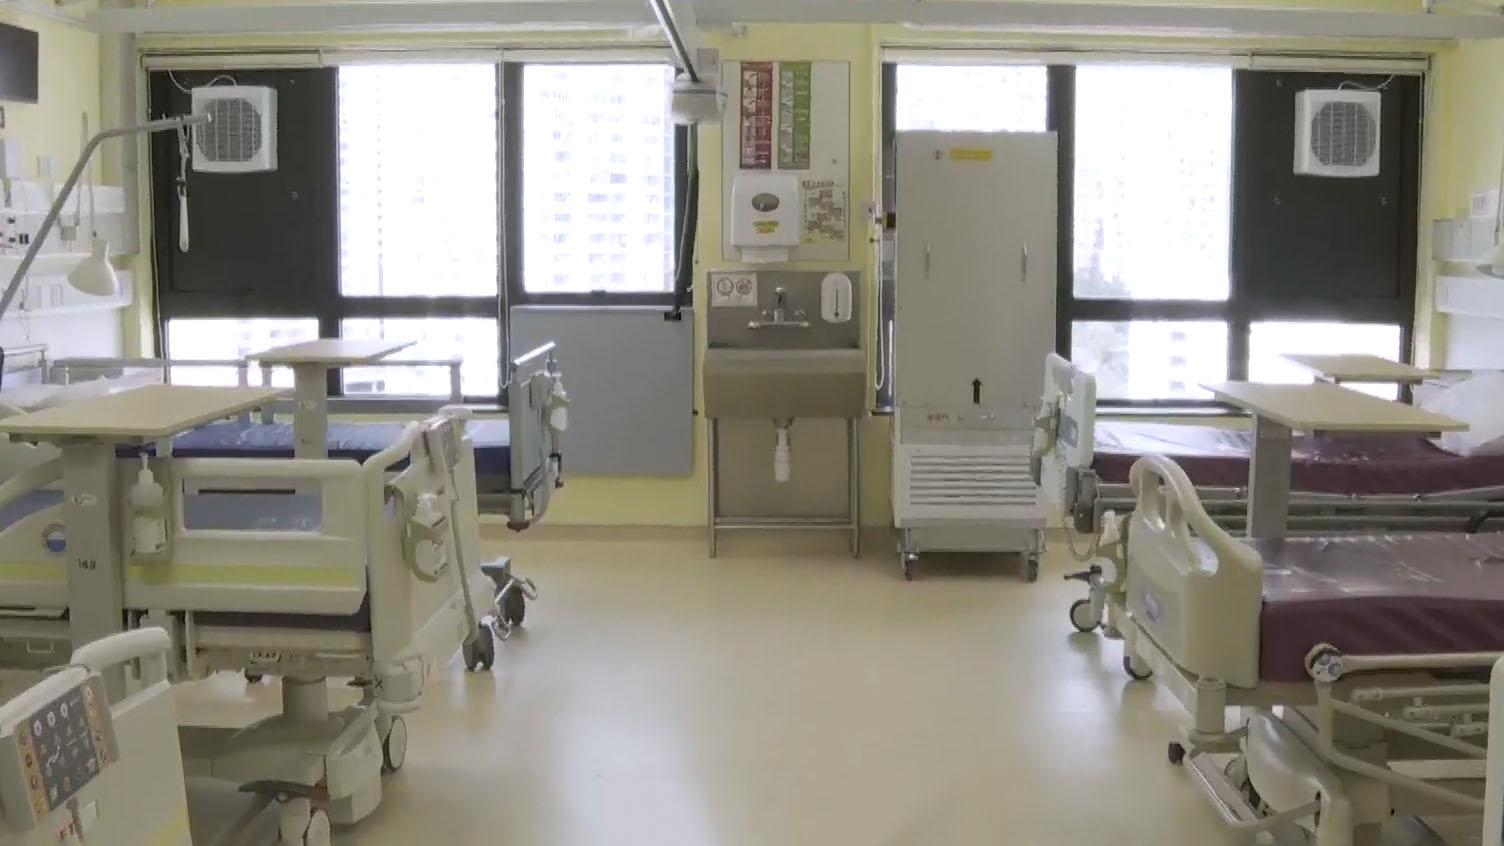 醫管局:若情況惡化需考慮把康復中病人送社區隔離